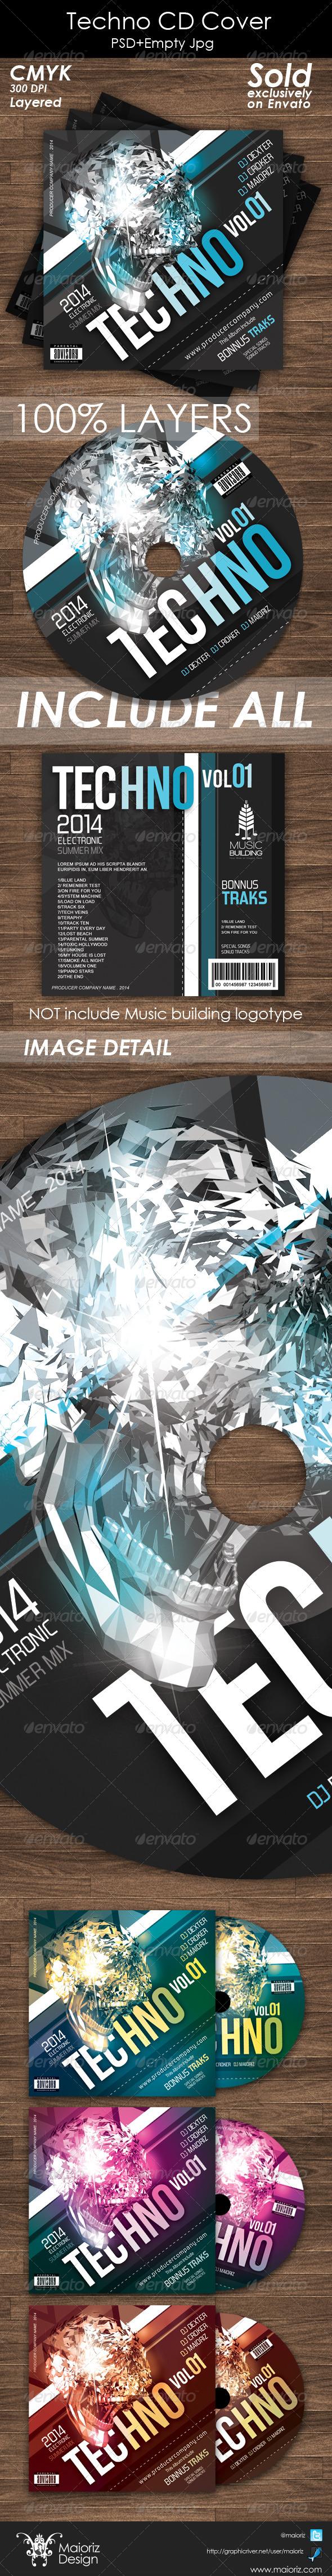 GraphicRiver Techno Cd Cover Artwork 5414622